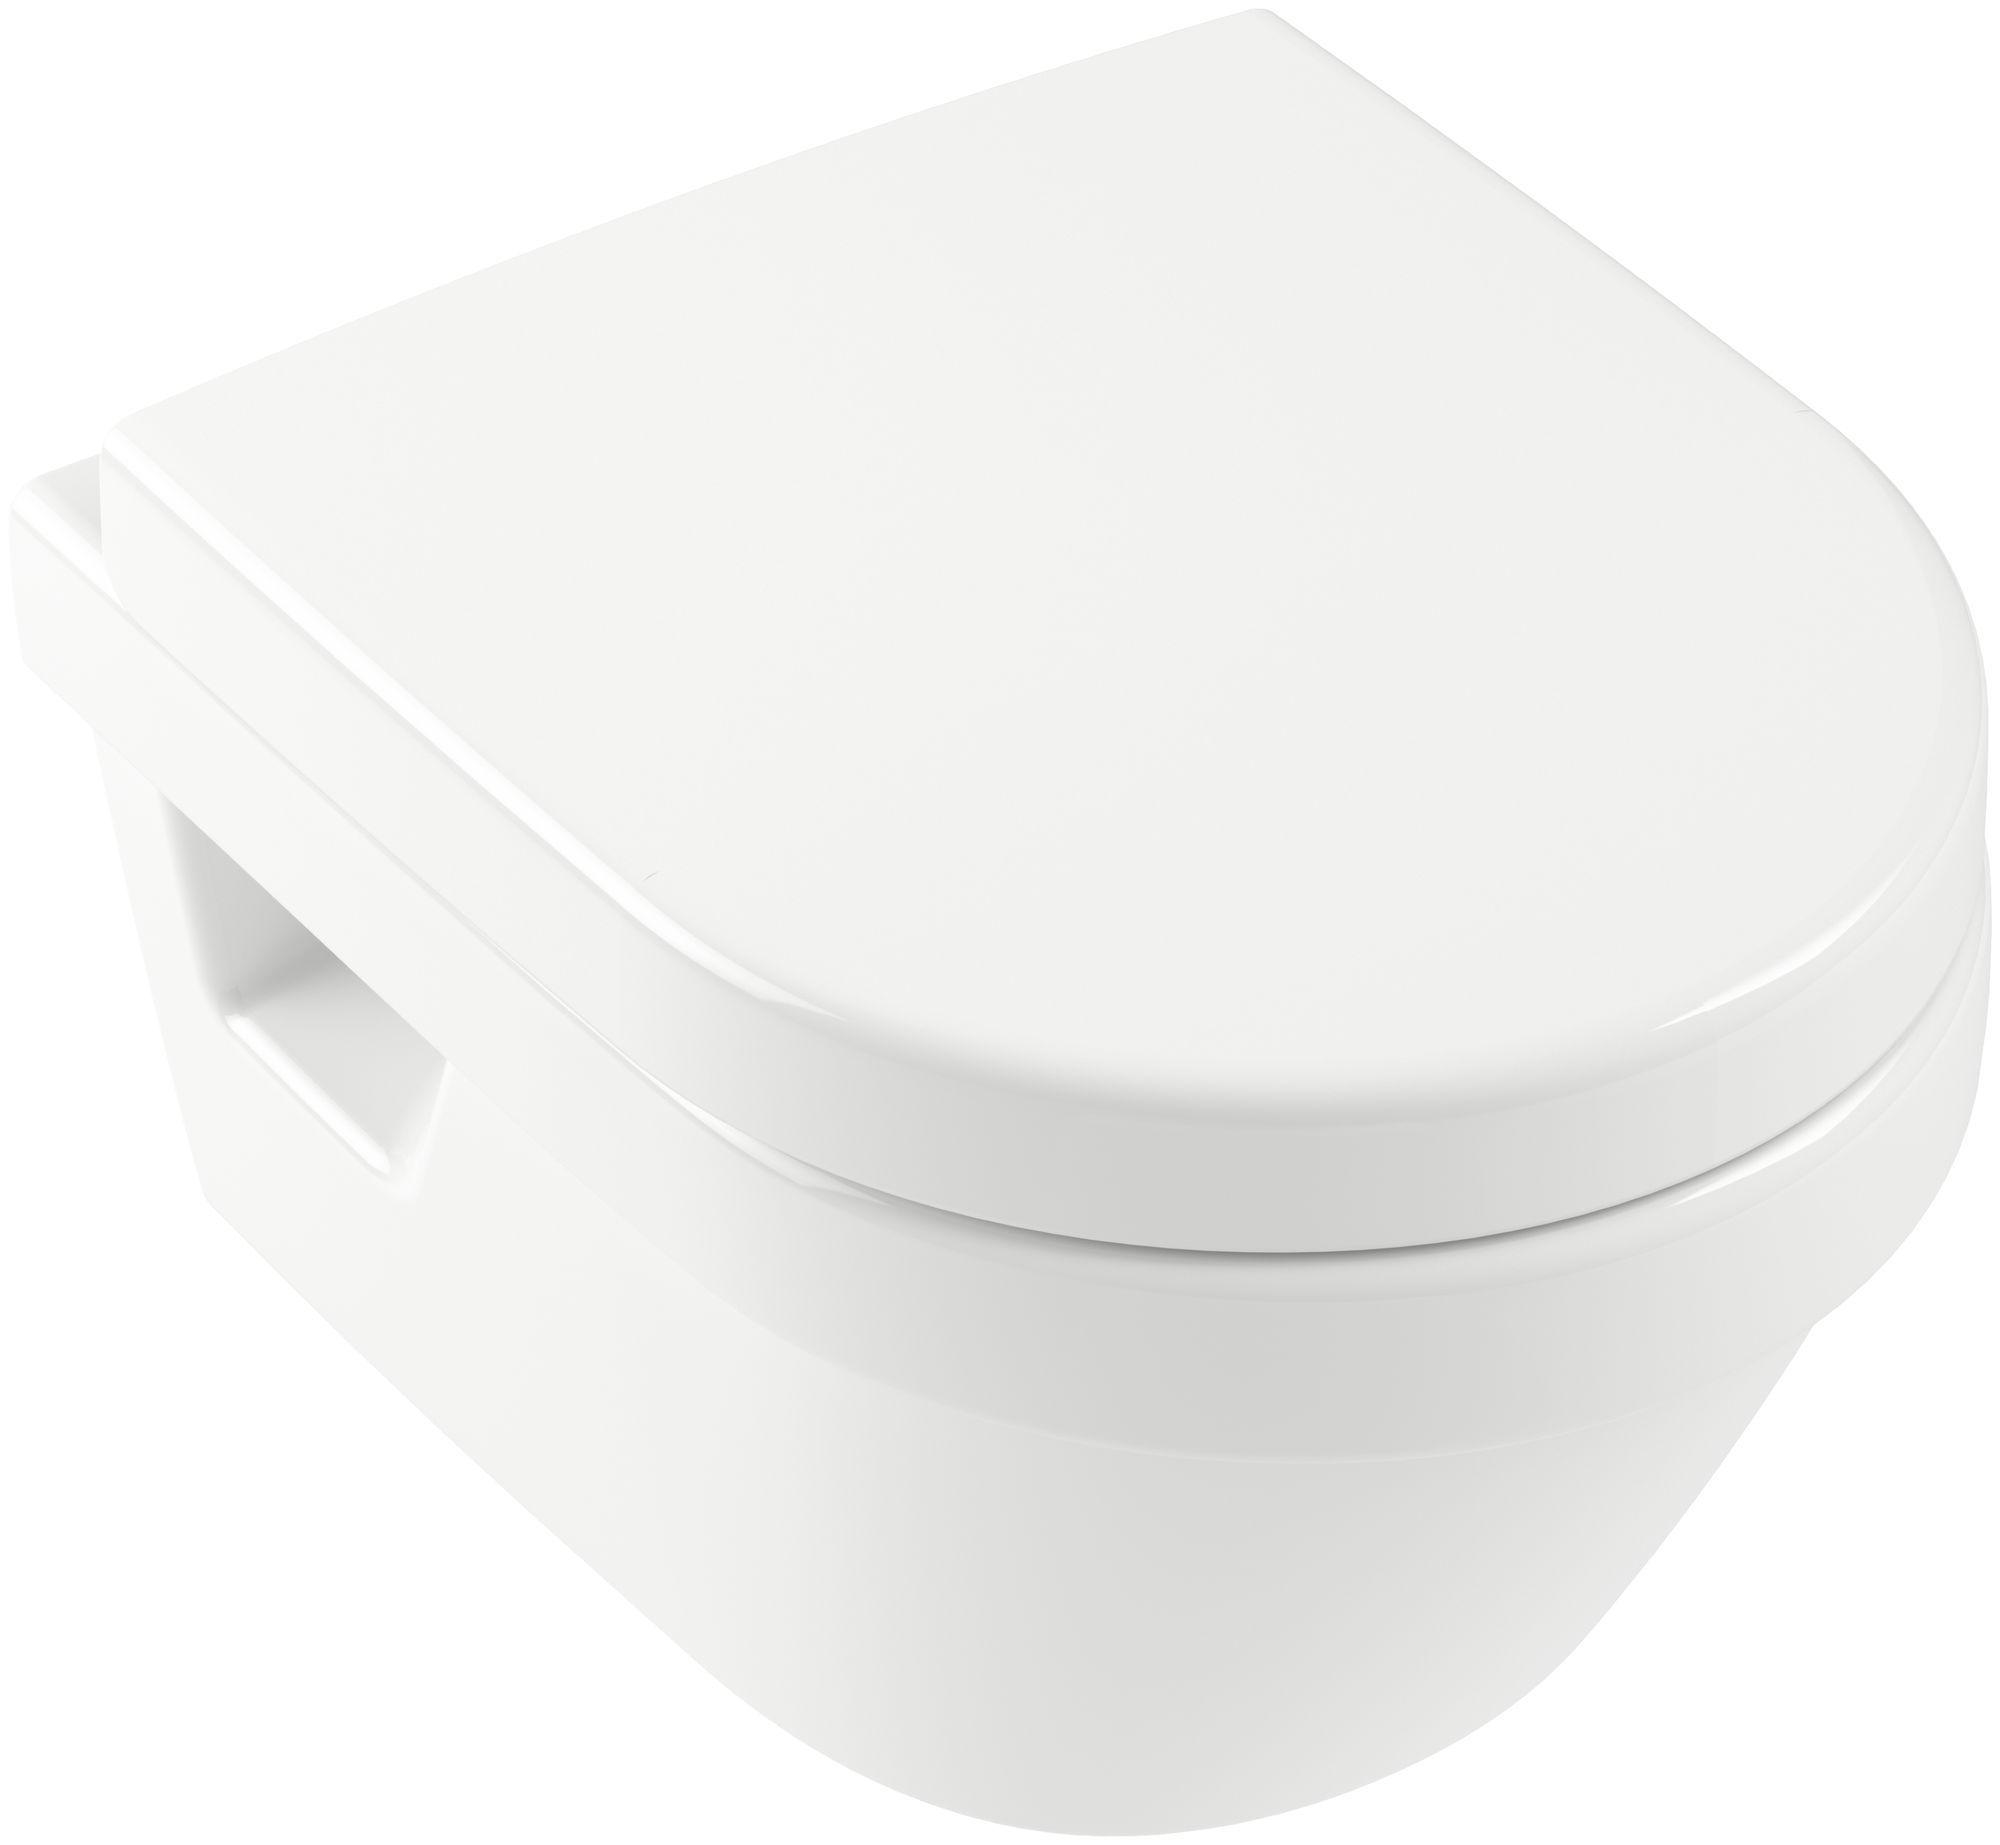 Villeroy & Boch Architectura Compact Tiefspül-Wand-WC DirectFlush mit offenem Spülrand L:48xB:35cm weiß mit CeramicPlus 4687R0R1